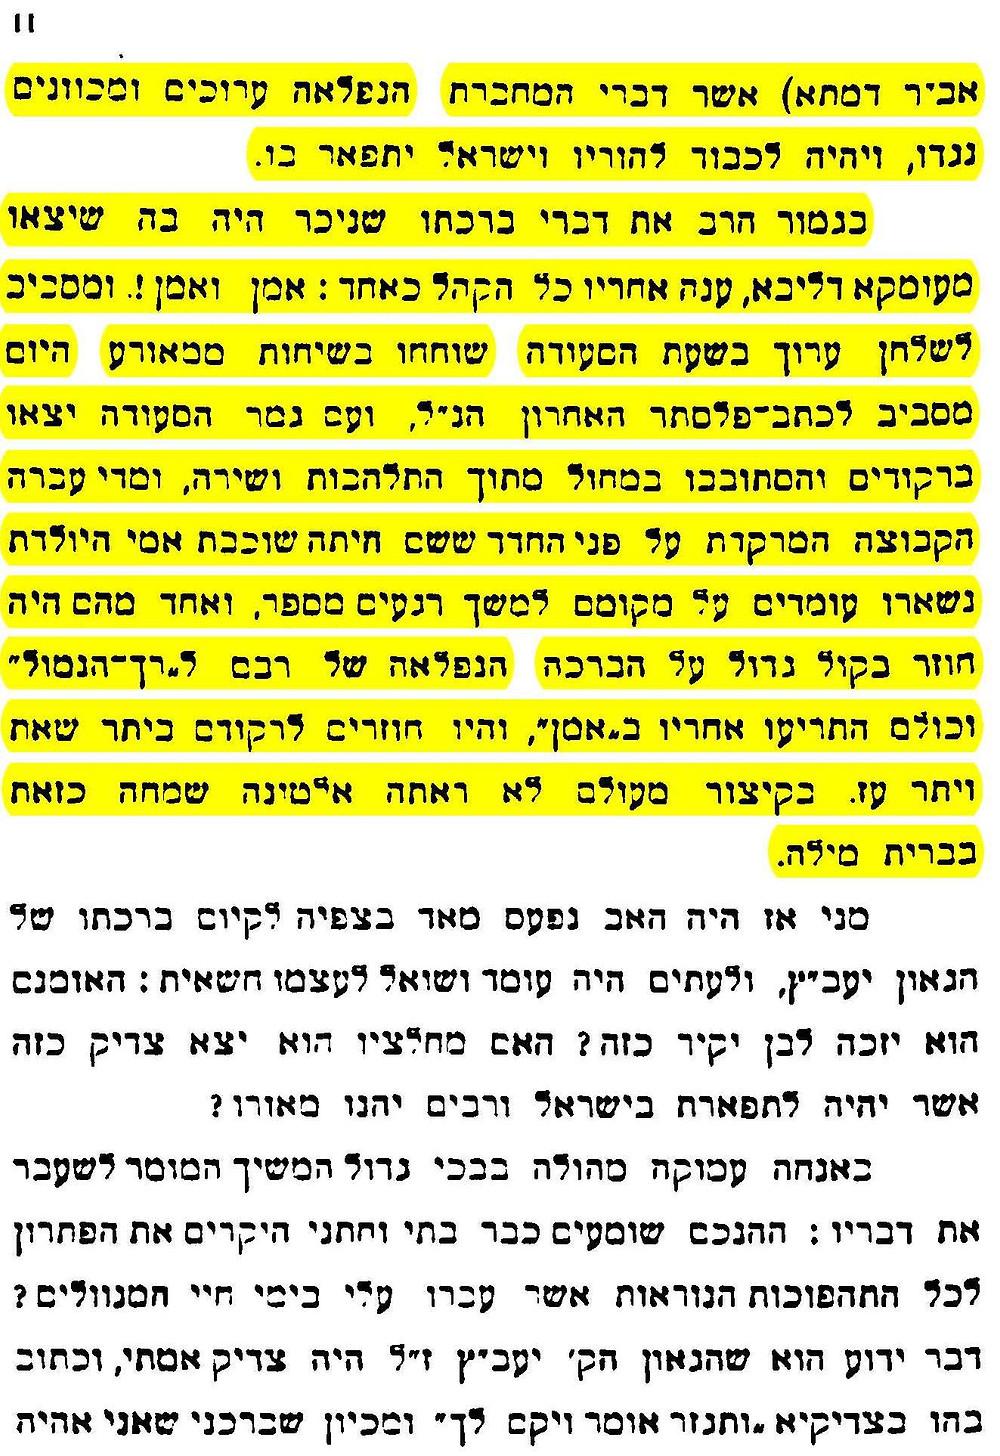 """הסיפור המומצא של קוק על הספר עקיצת עקרב ע""""מ להציג שהספה""""ק קול השופר הוא זיוף ולא ח""""ו דעתם של גדולי ישראל"""